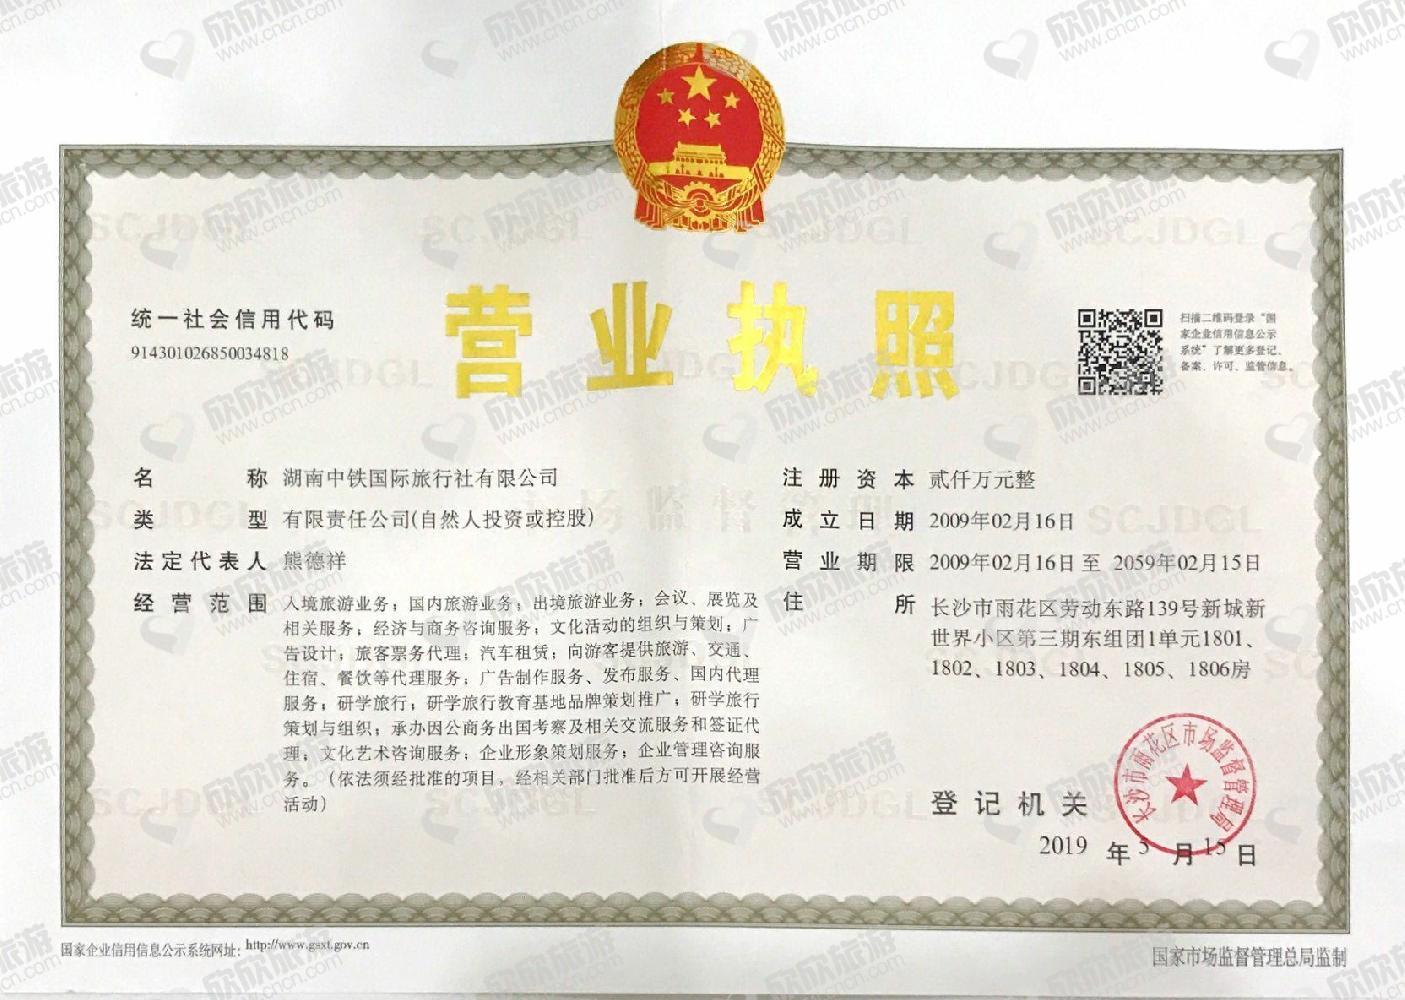 湖南中铁国际旅行社有限公司营业执照